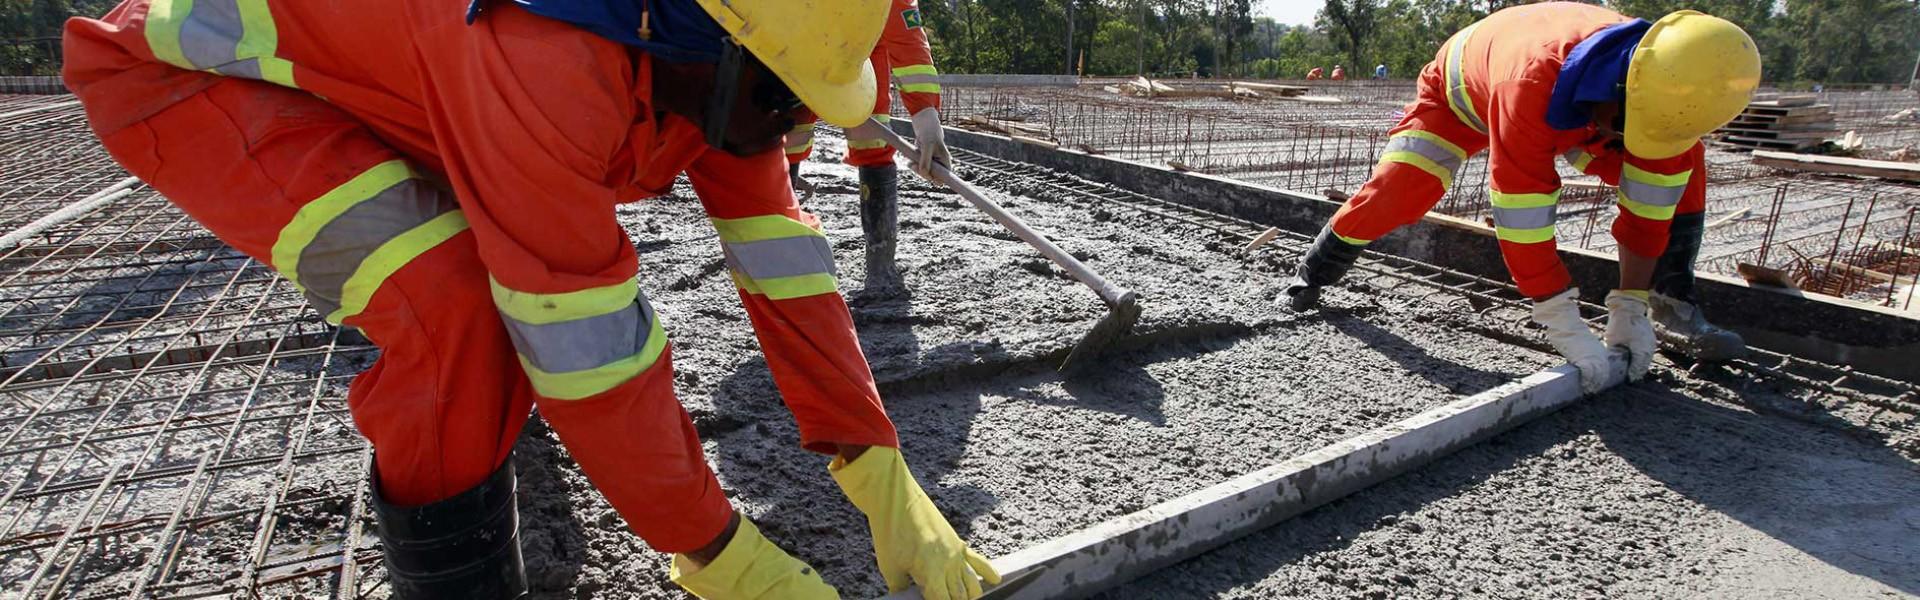 UkrBeton-2020-marka-betona